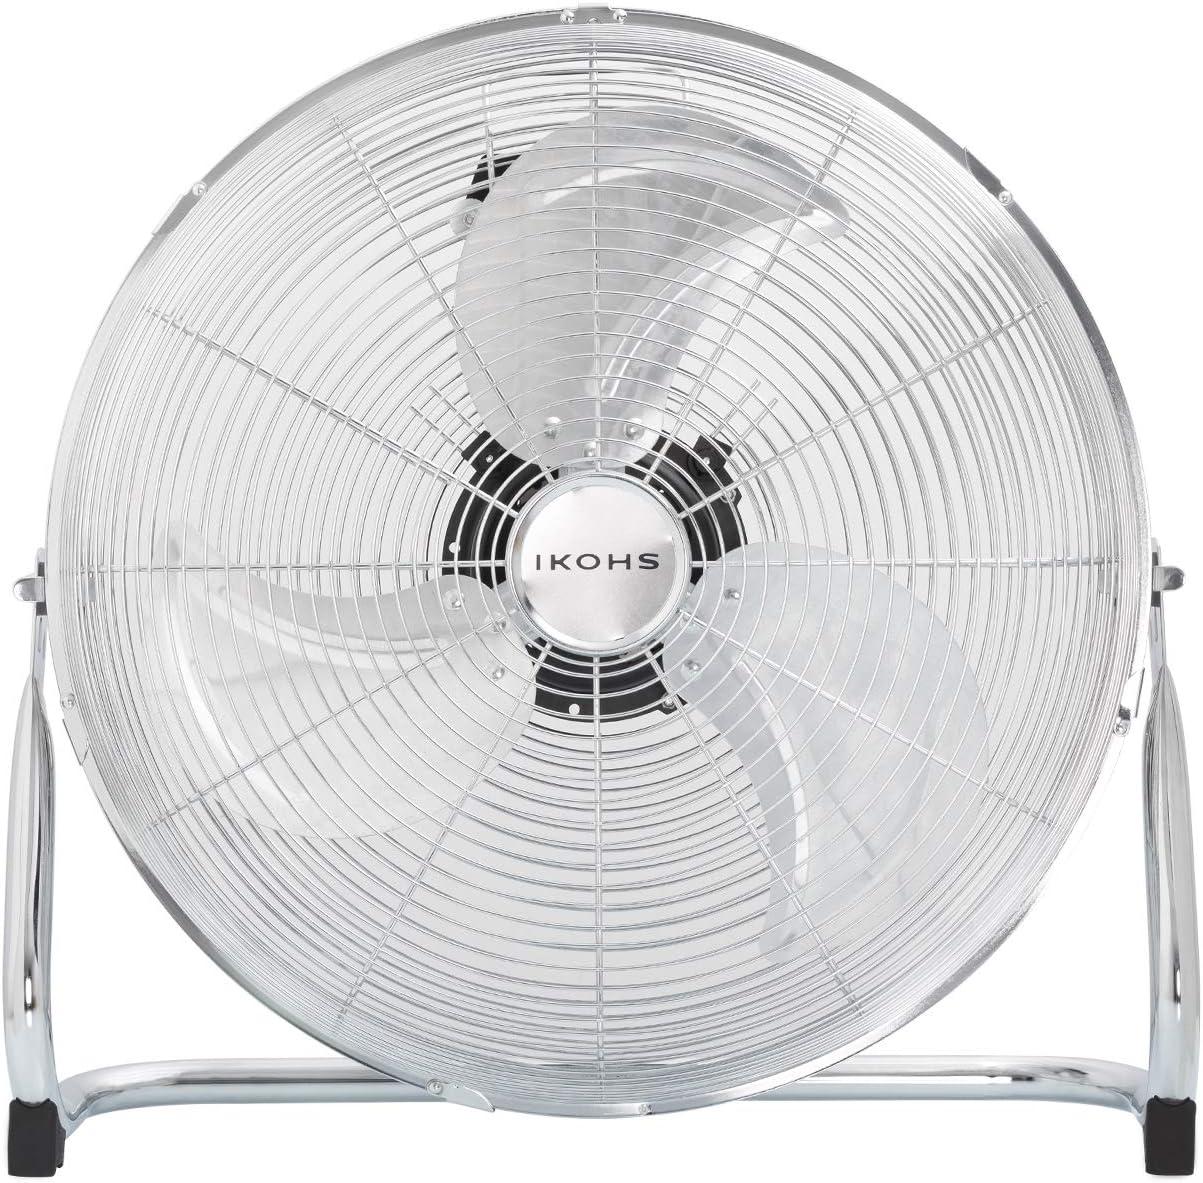 IKOHS EOLUS Turbo Pro - Ventilador de Suelo Industrial, 120 W ...